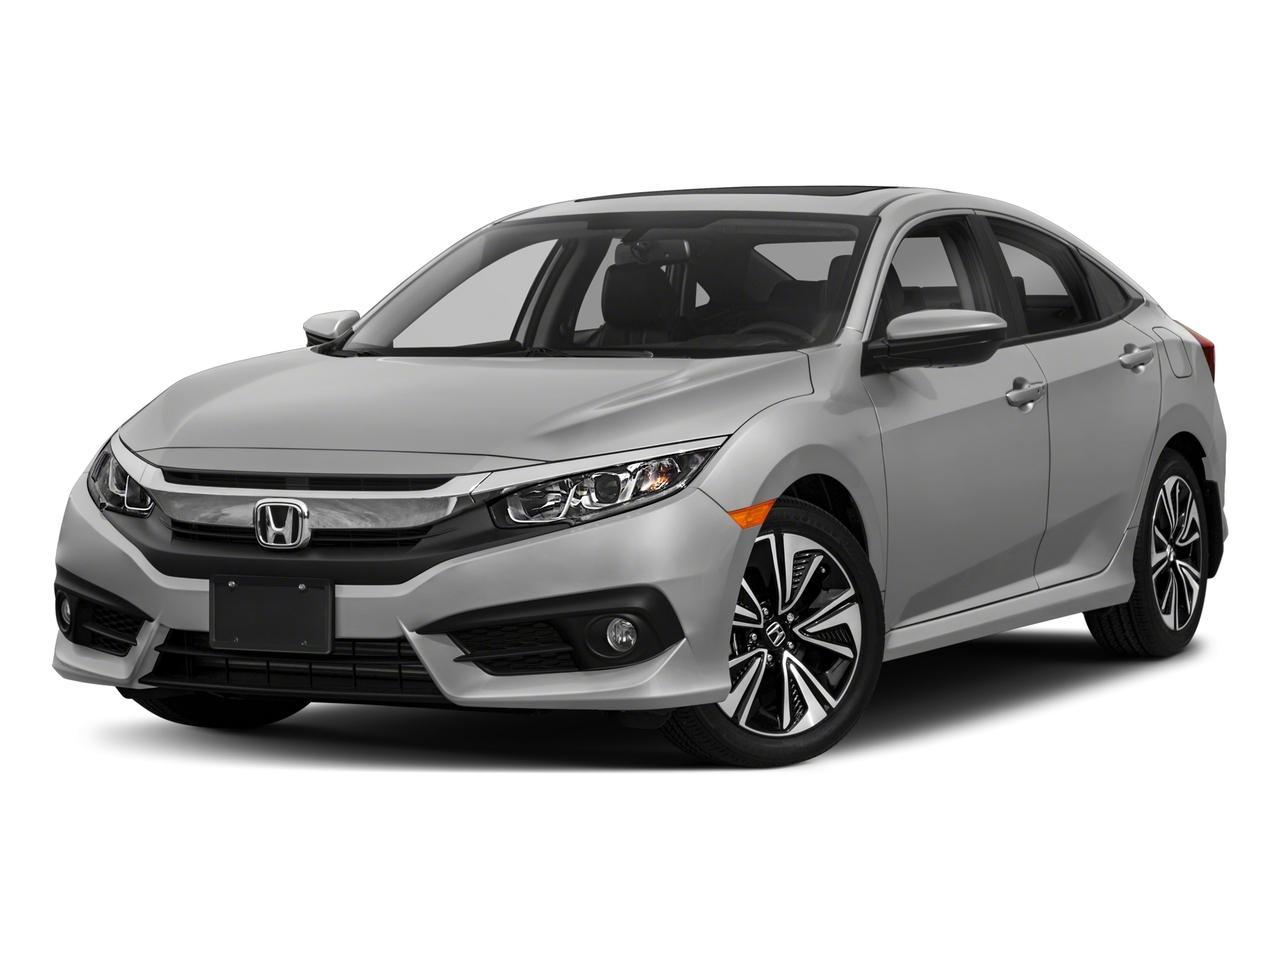 2018 Honda Civic Sedan Vehicle Photo in Grapevine, TX 76051